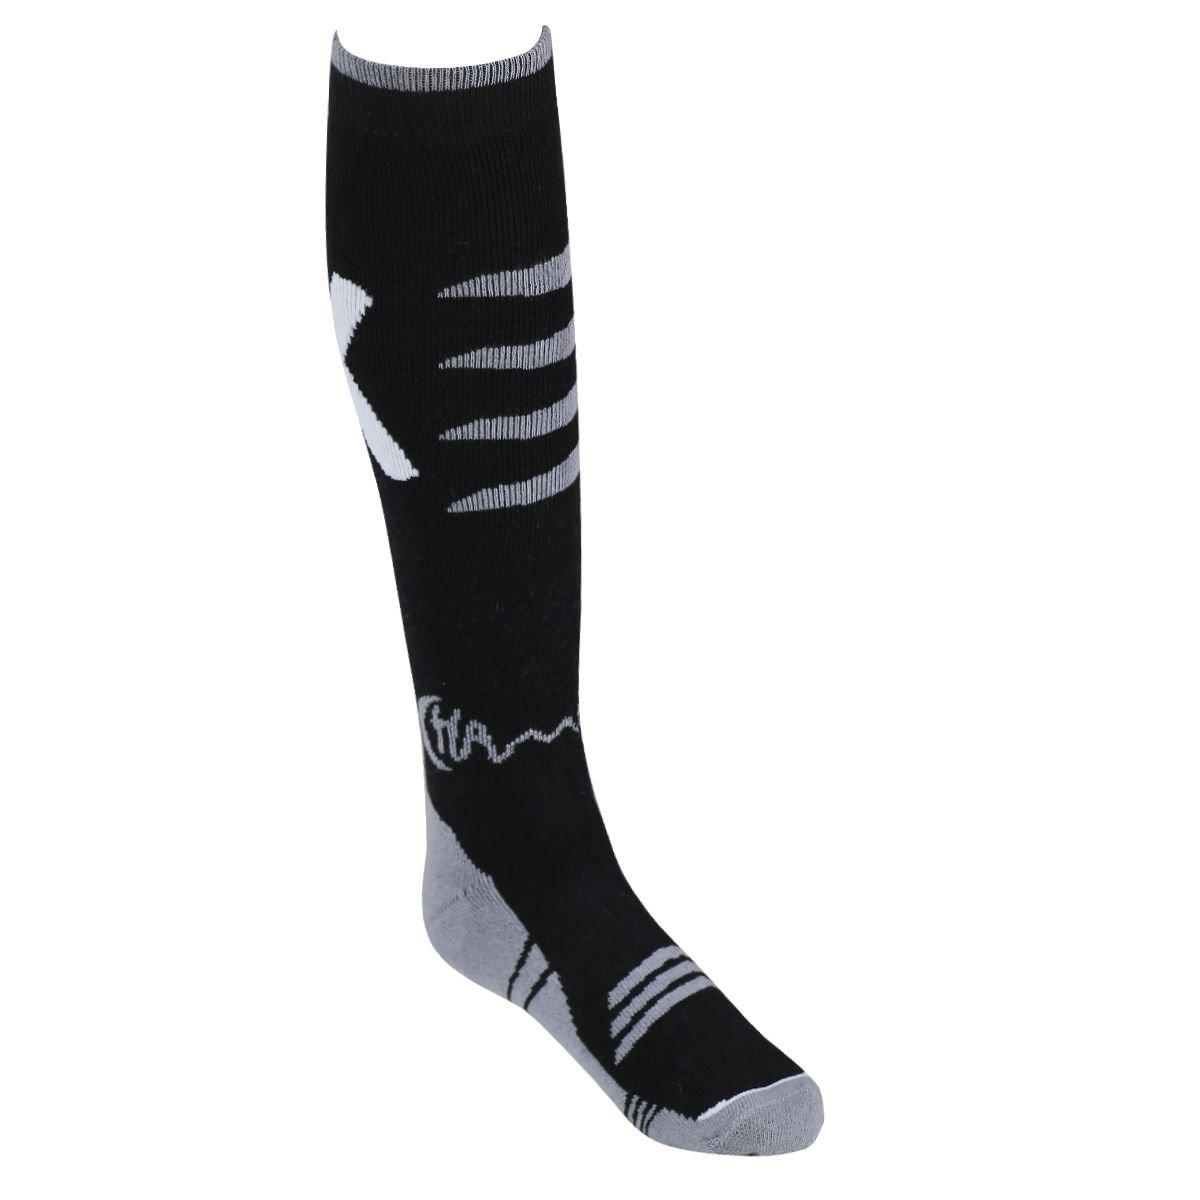 Ski-Socken Wintersocken, 1 oder 2 Paar, Größe: 42-46 One Size für Herren, Grau-Schwarz oder Blau-Schwarz